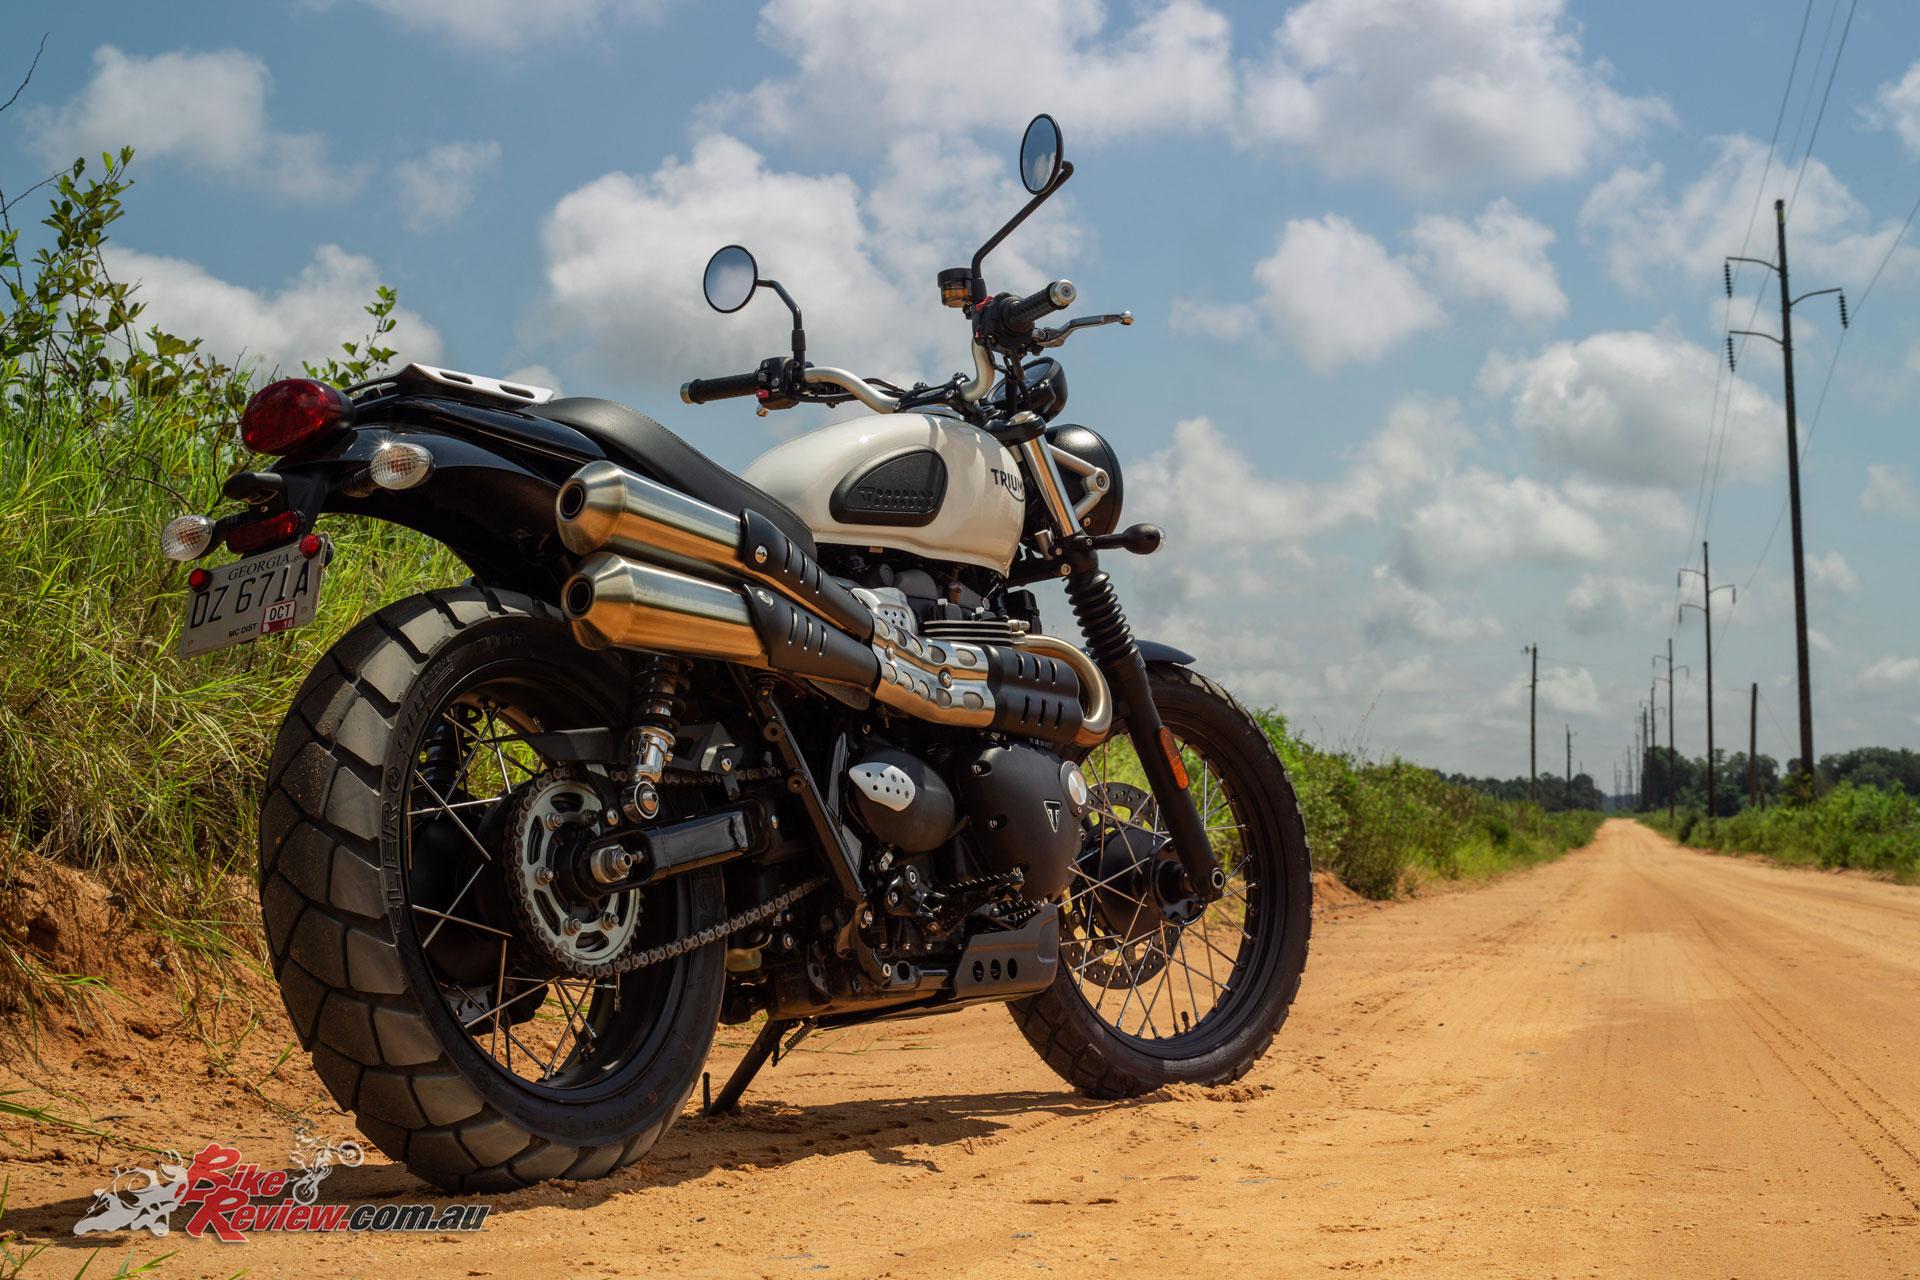 Model Update 2019 Triumph Street Scrambler Bike Review